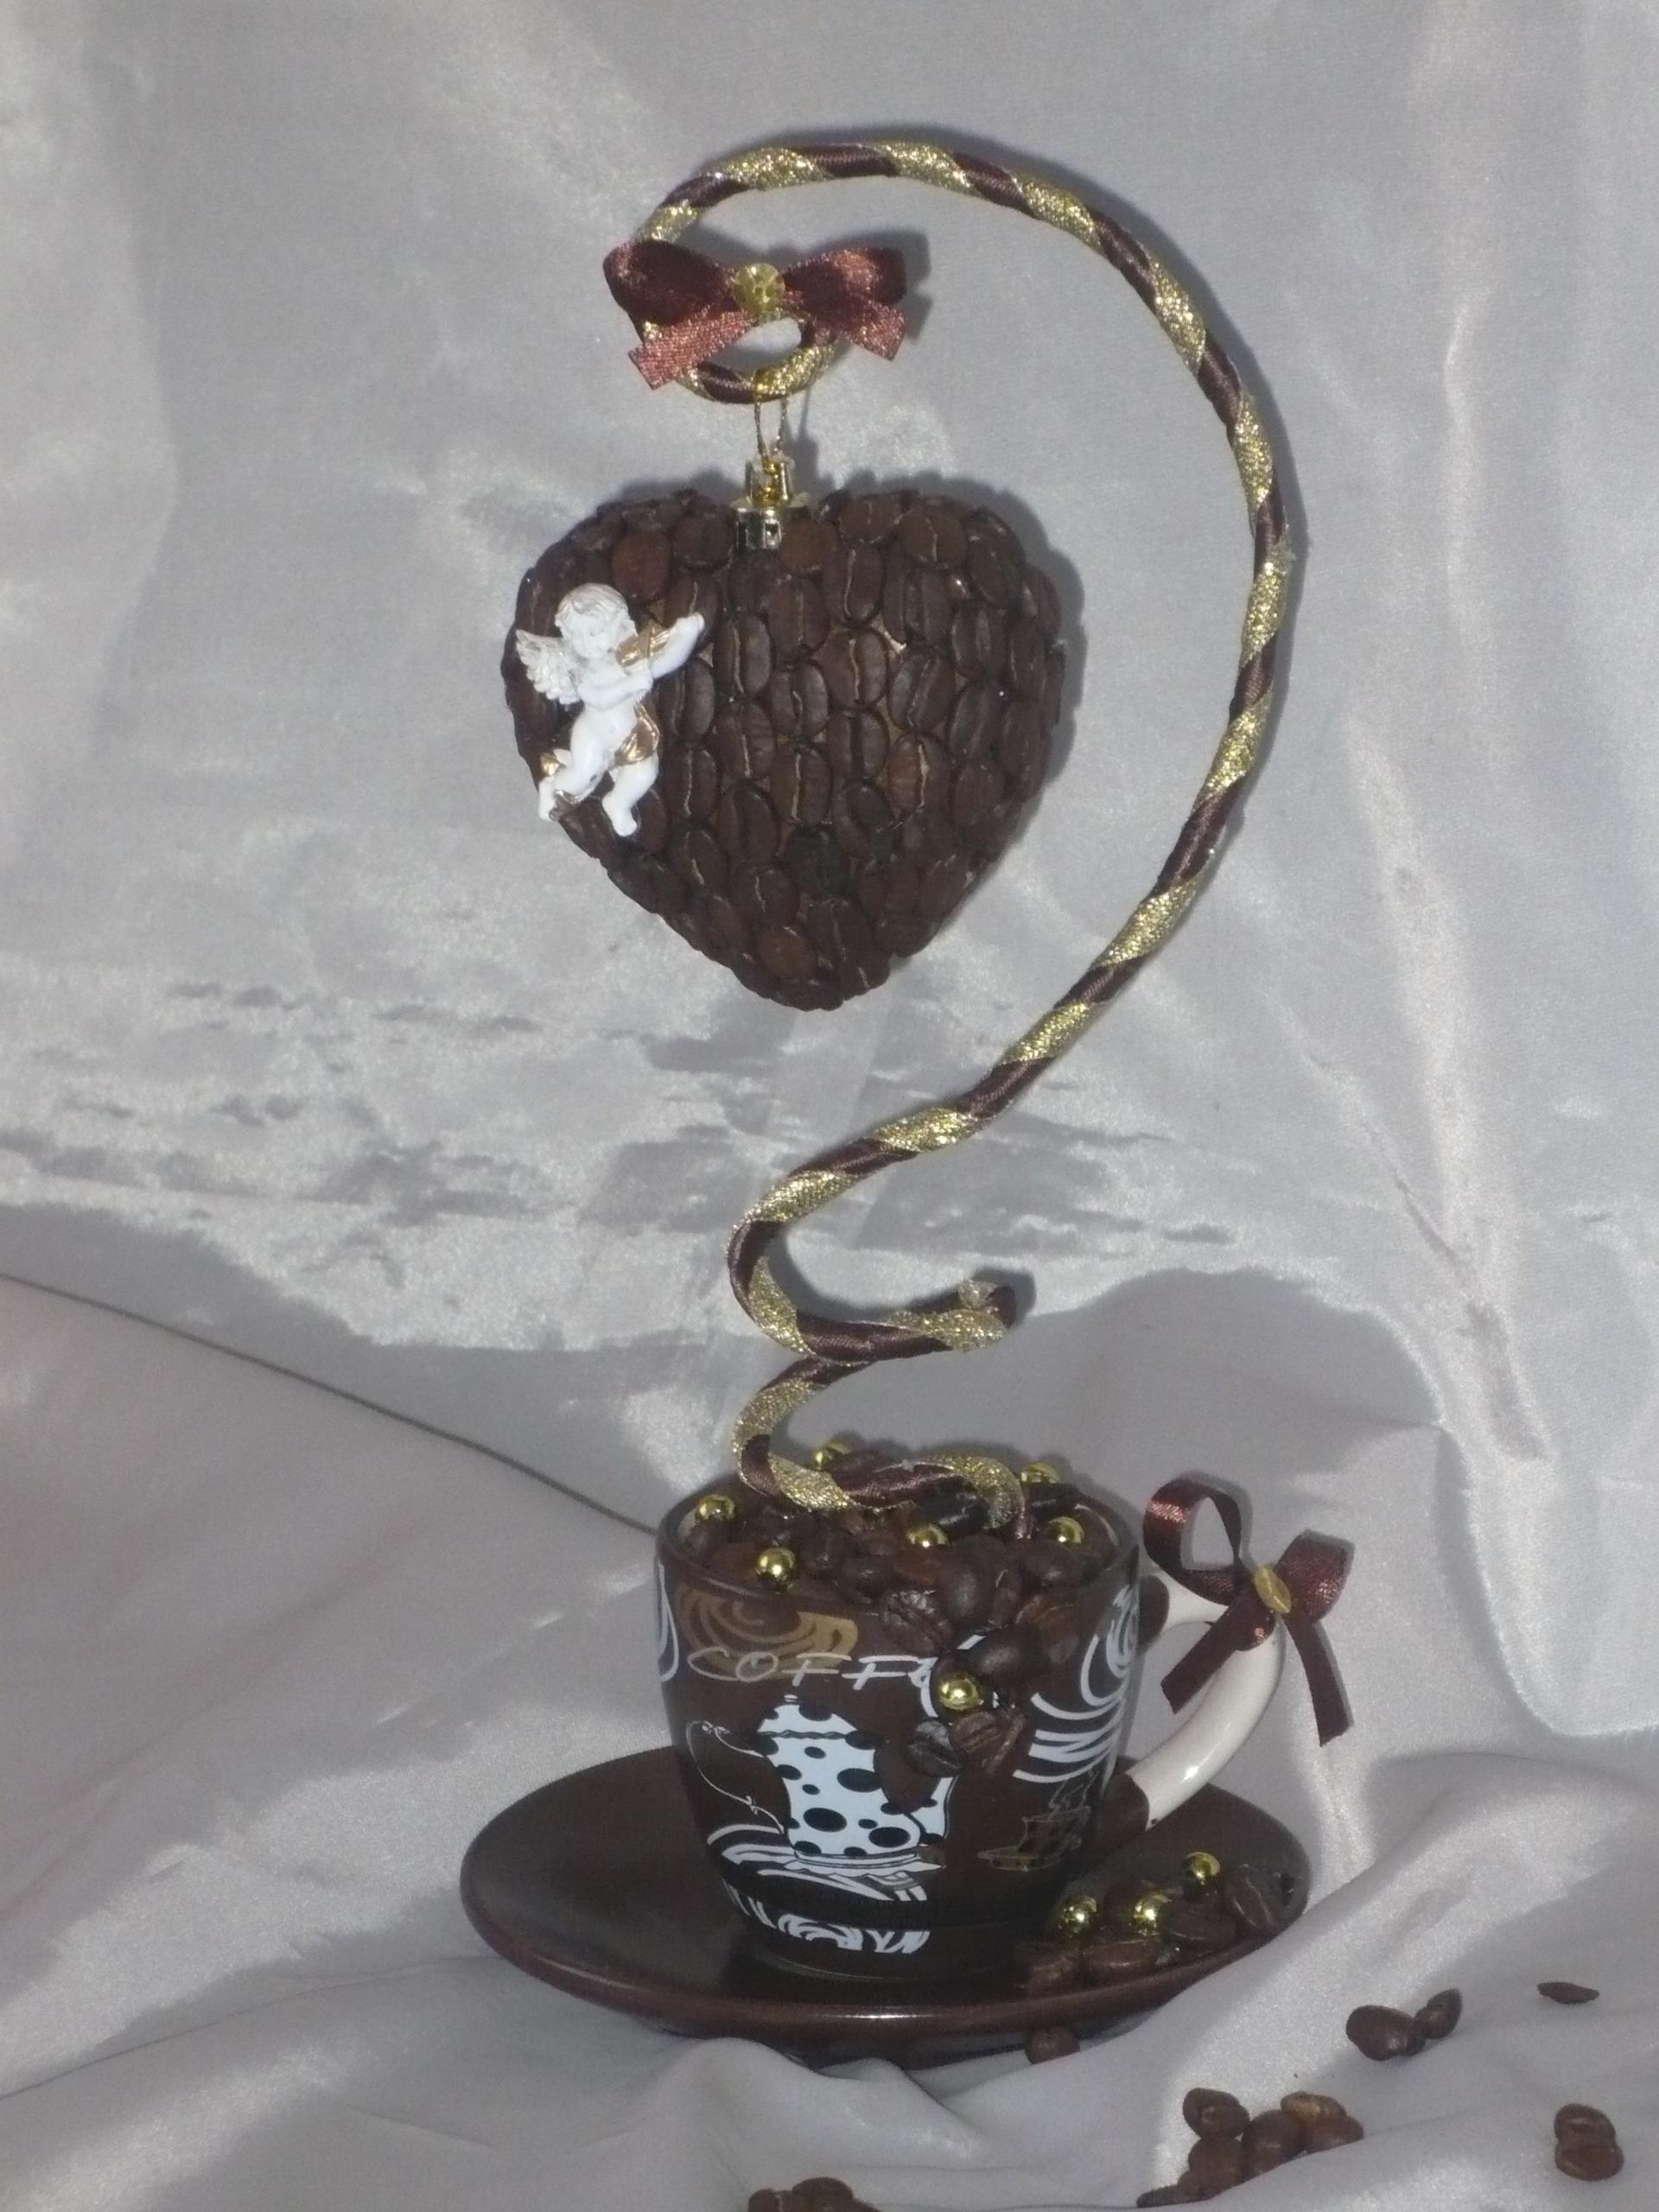 Поделка из кофе чашка с блюдцем 31